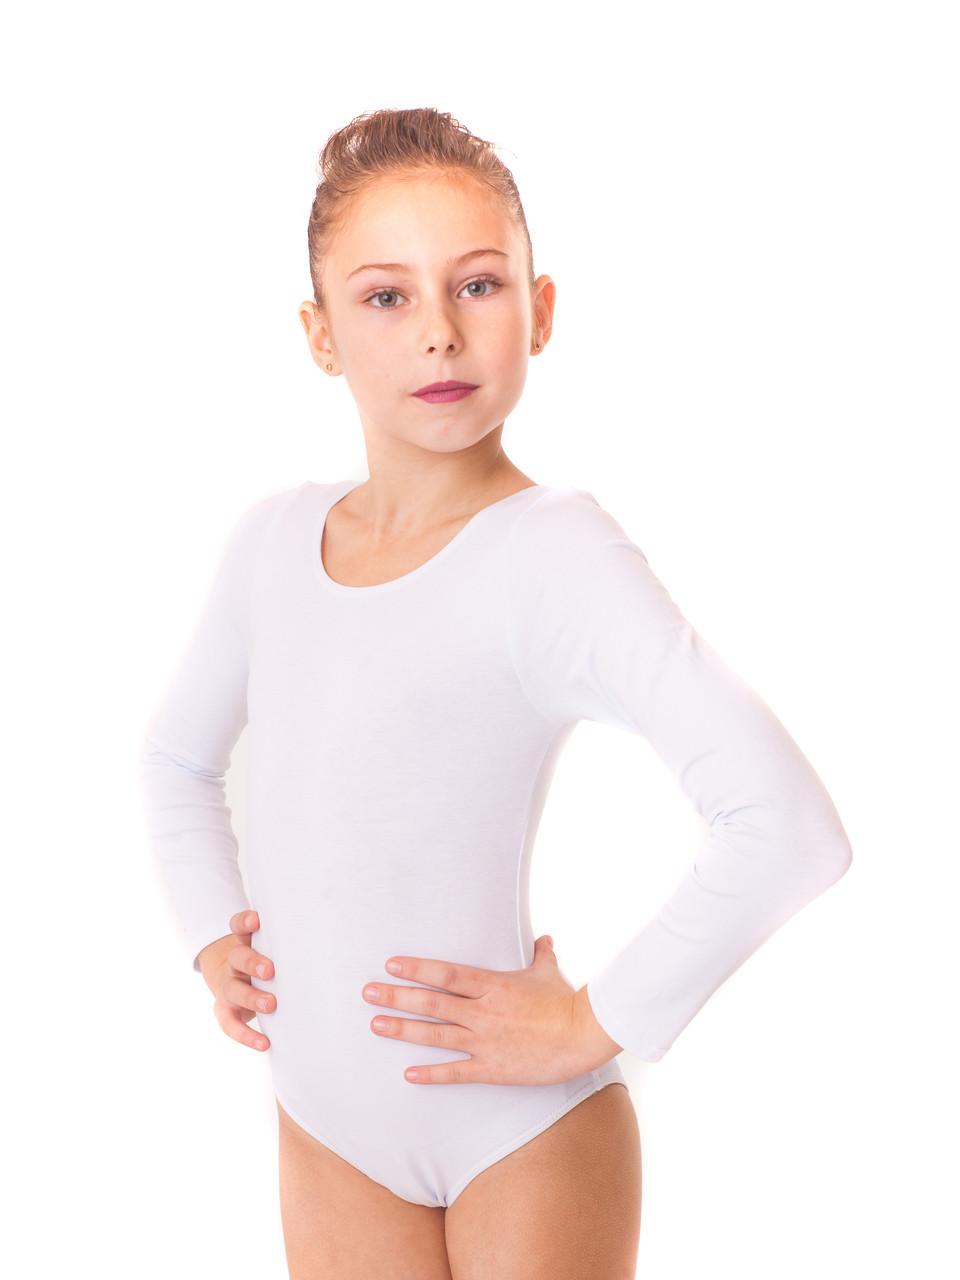 Купальник для танцев детский хлопок БЕЛЫЙ р-р L, XL